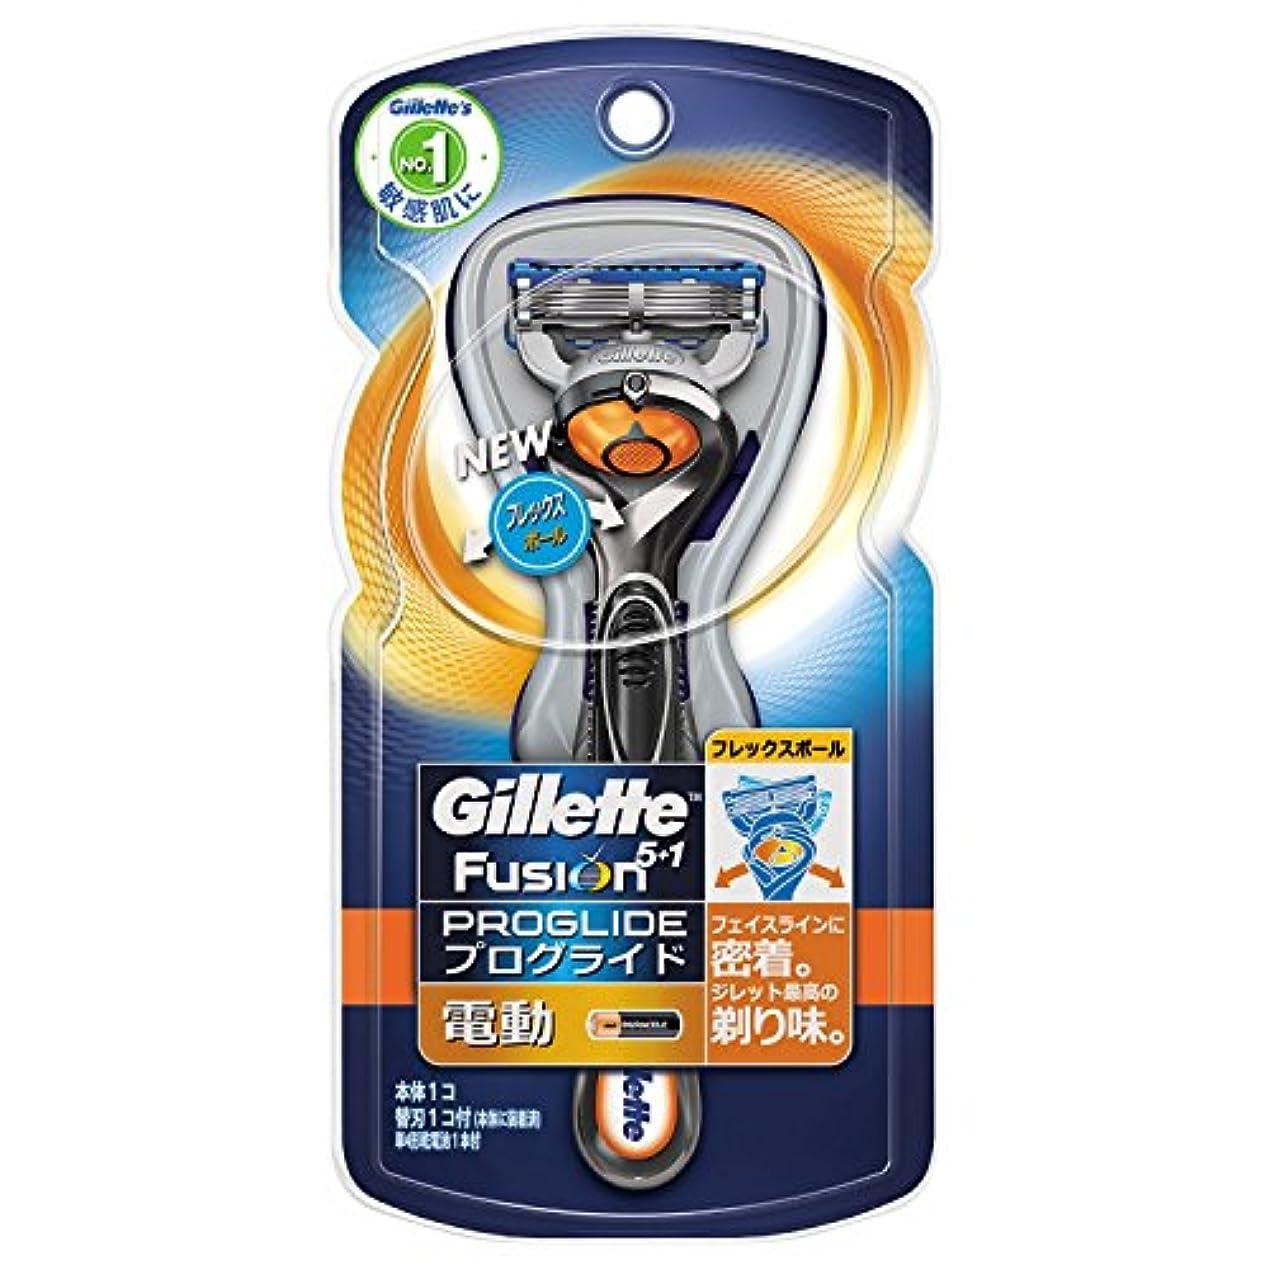 顎オフ周りジレット プログライド フレックスボール パワー ホルダー 替刃1個付 (7702018353231)×36点セット